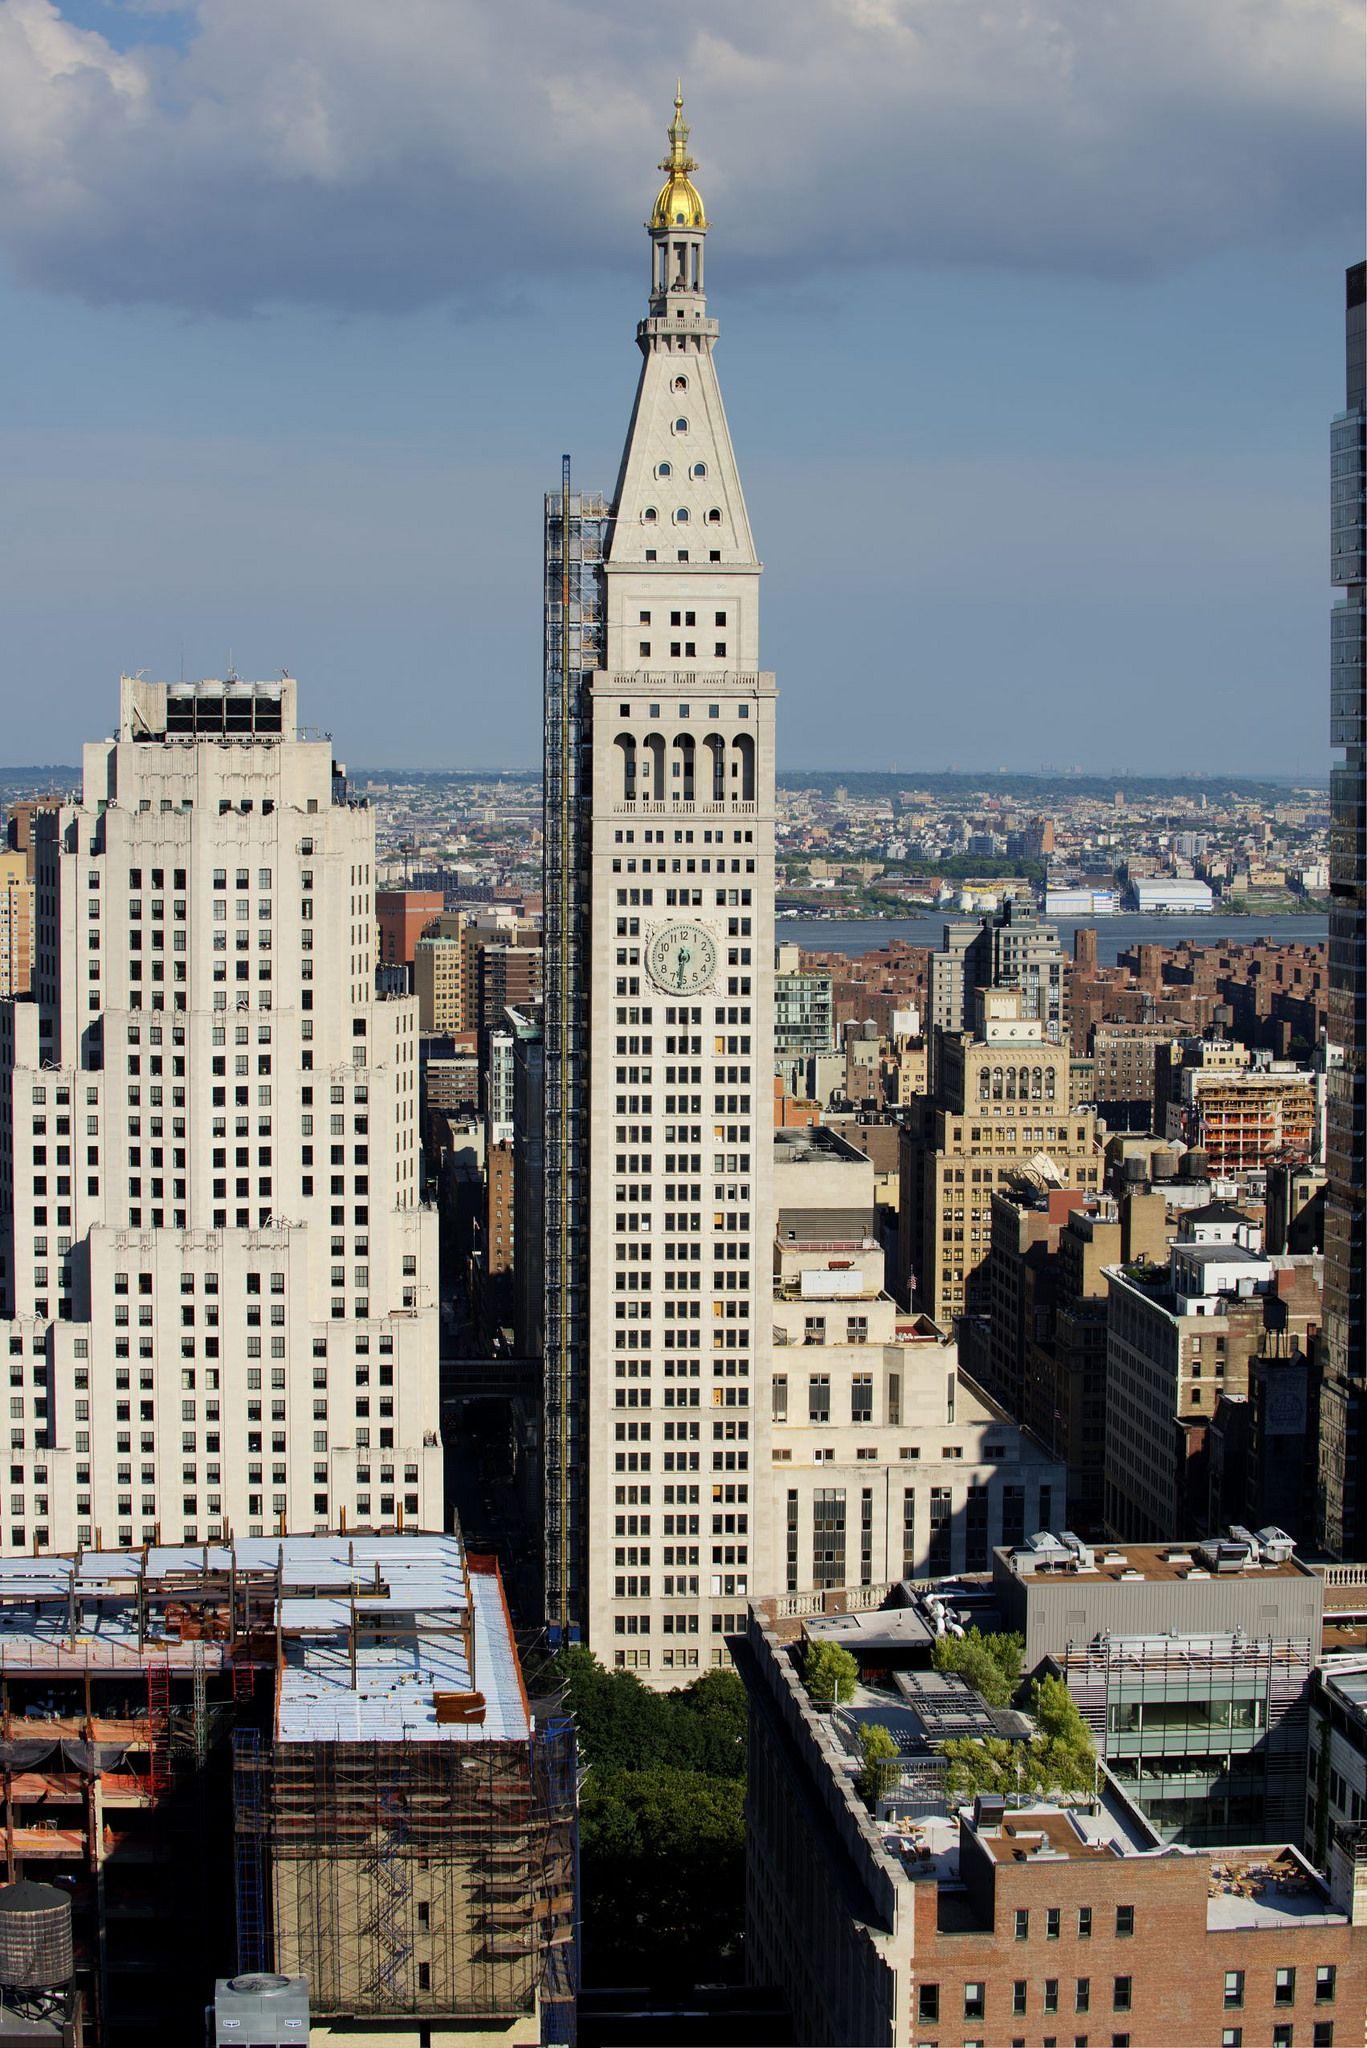 Https Flic Kr P N6mktu Metlife Tower Metropolitan Life